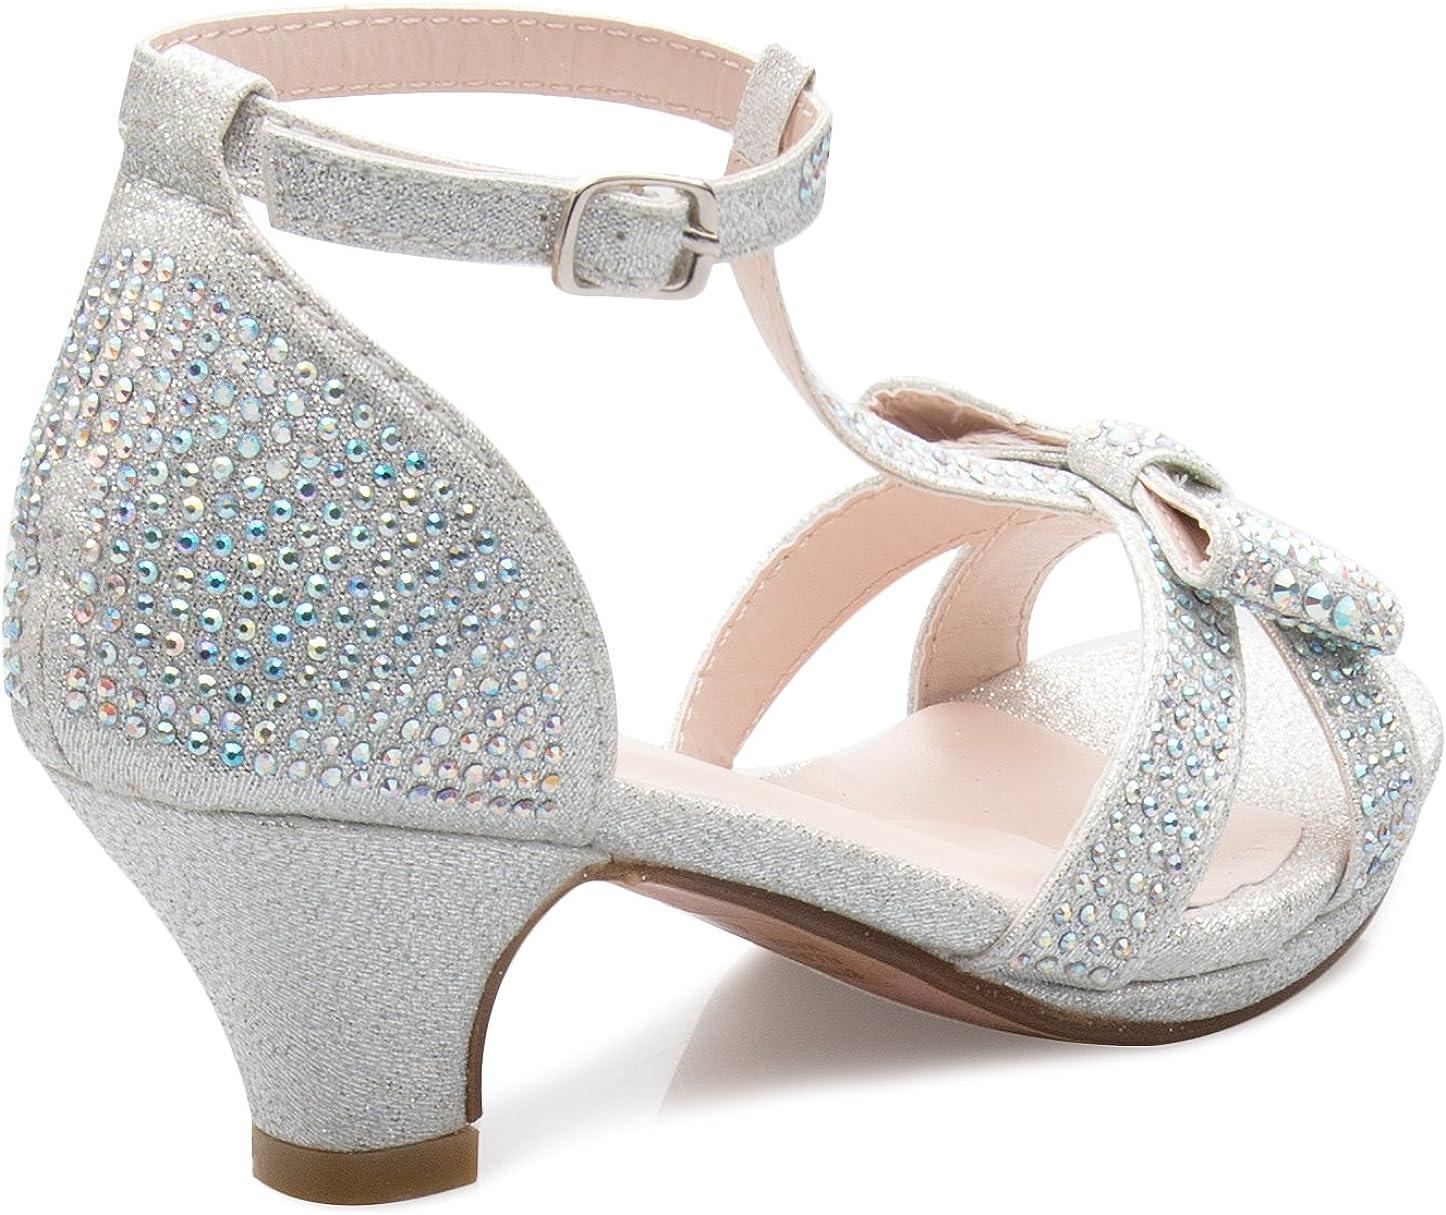 Toddler//Little Girl Olivia K Girls Glitter Leatherette Open Toe Strappy Ankle T Strap Kitten Heel Sandal